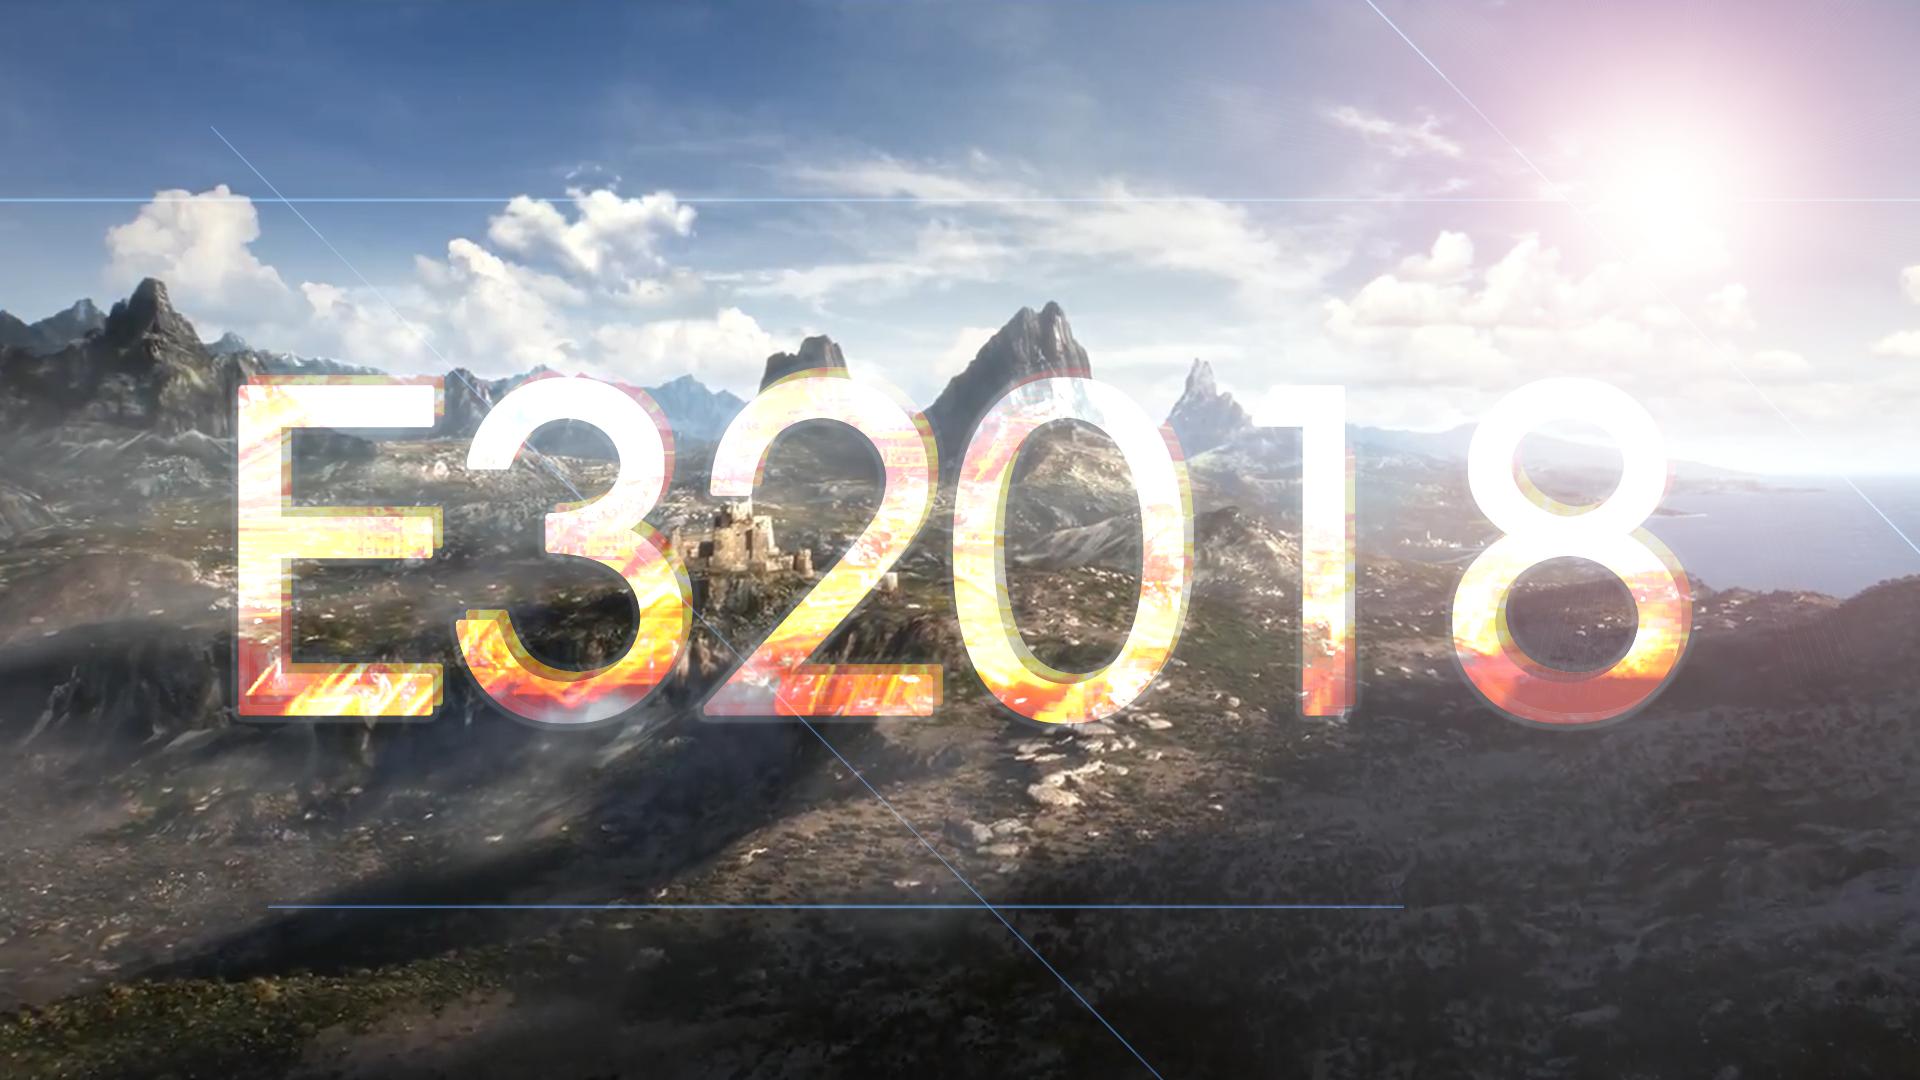 【E3 2018】一觸即發!E3 2018上的50款遊戲混剪